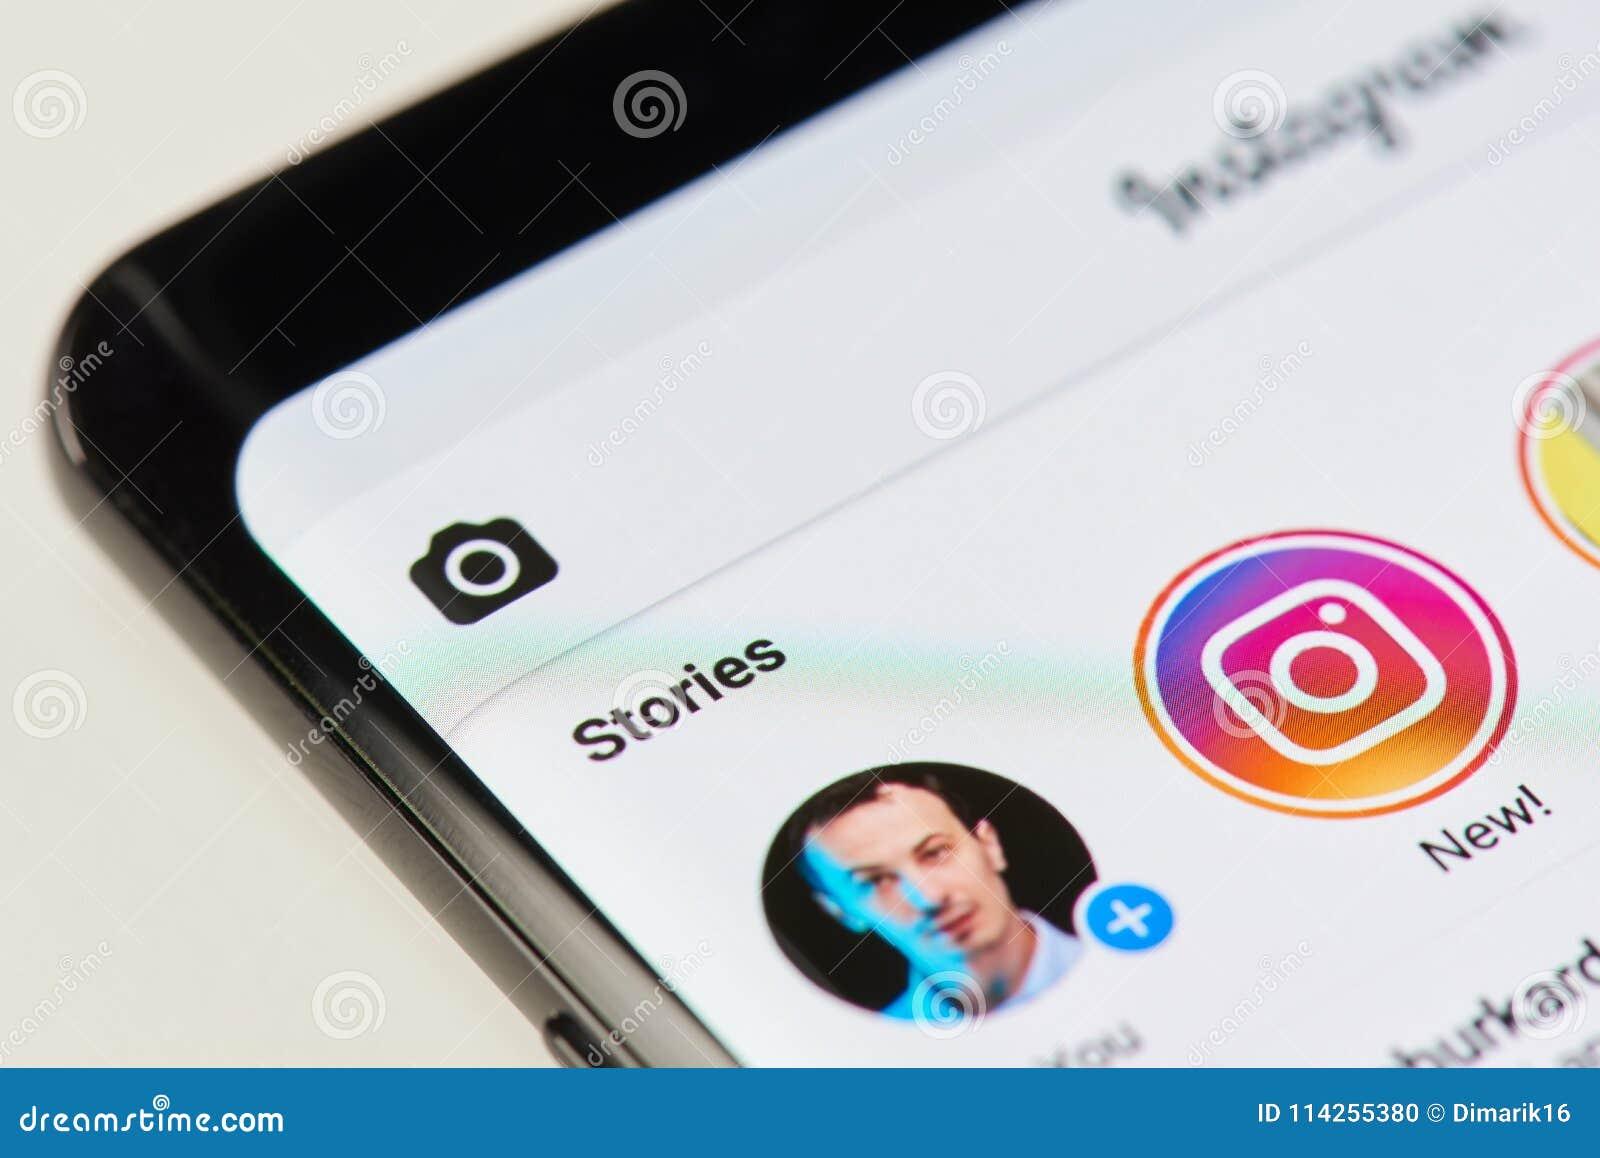 Aggiunta della storia nuova su instagram app